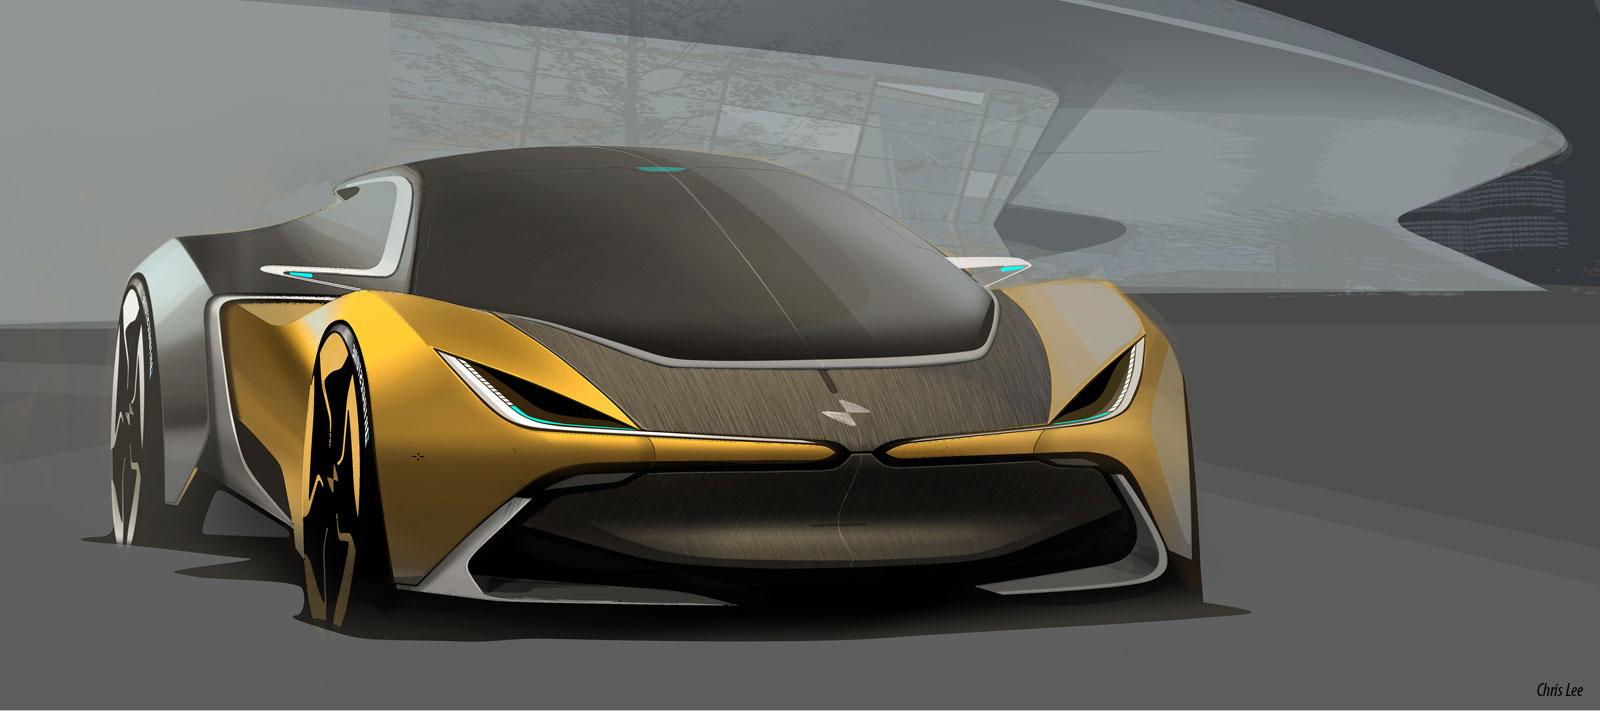 Bmw I2 Concept Design Sketch Car Body Design 530071